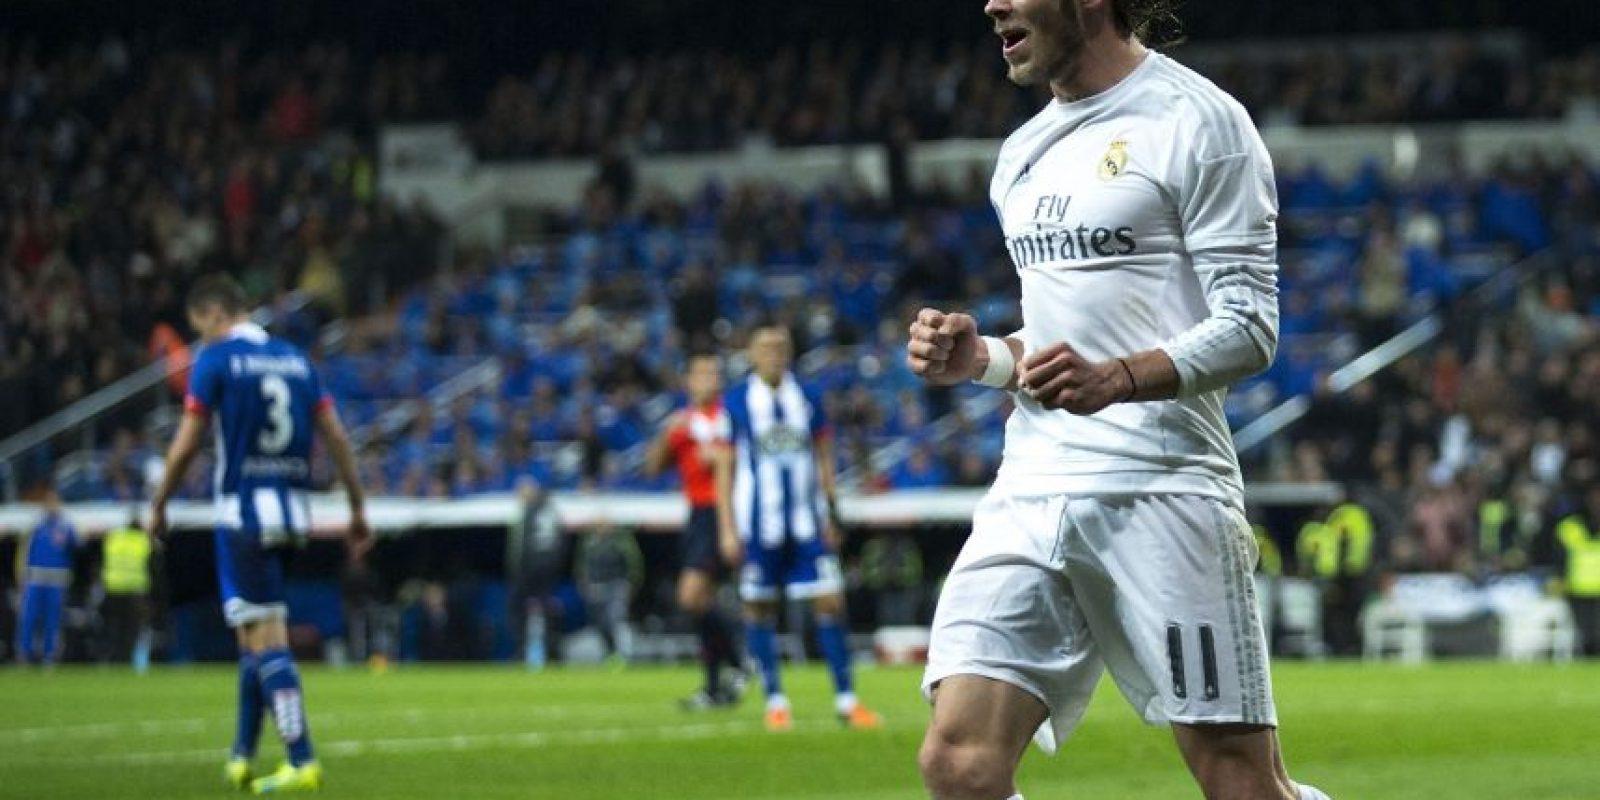 El número 11 del Madrid está haciendo una buena temporada. Foto:AFP